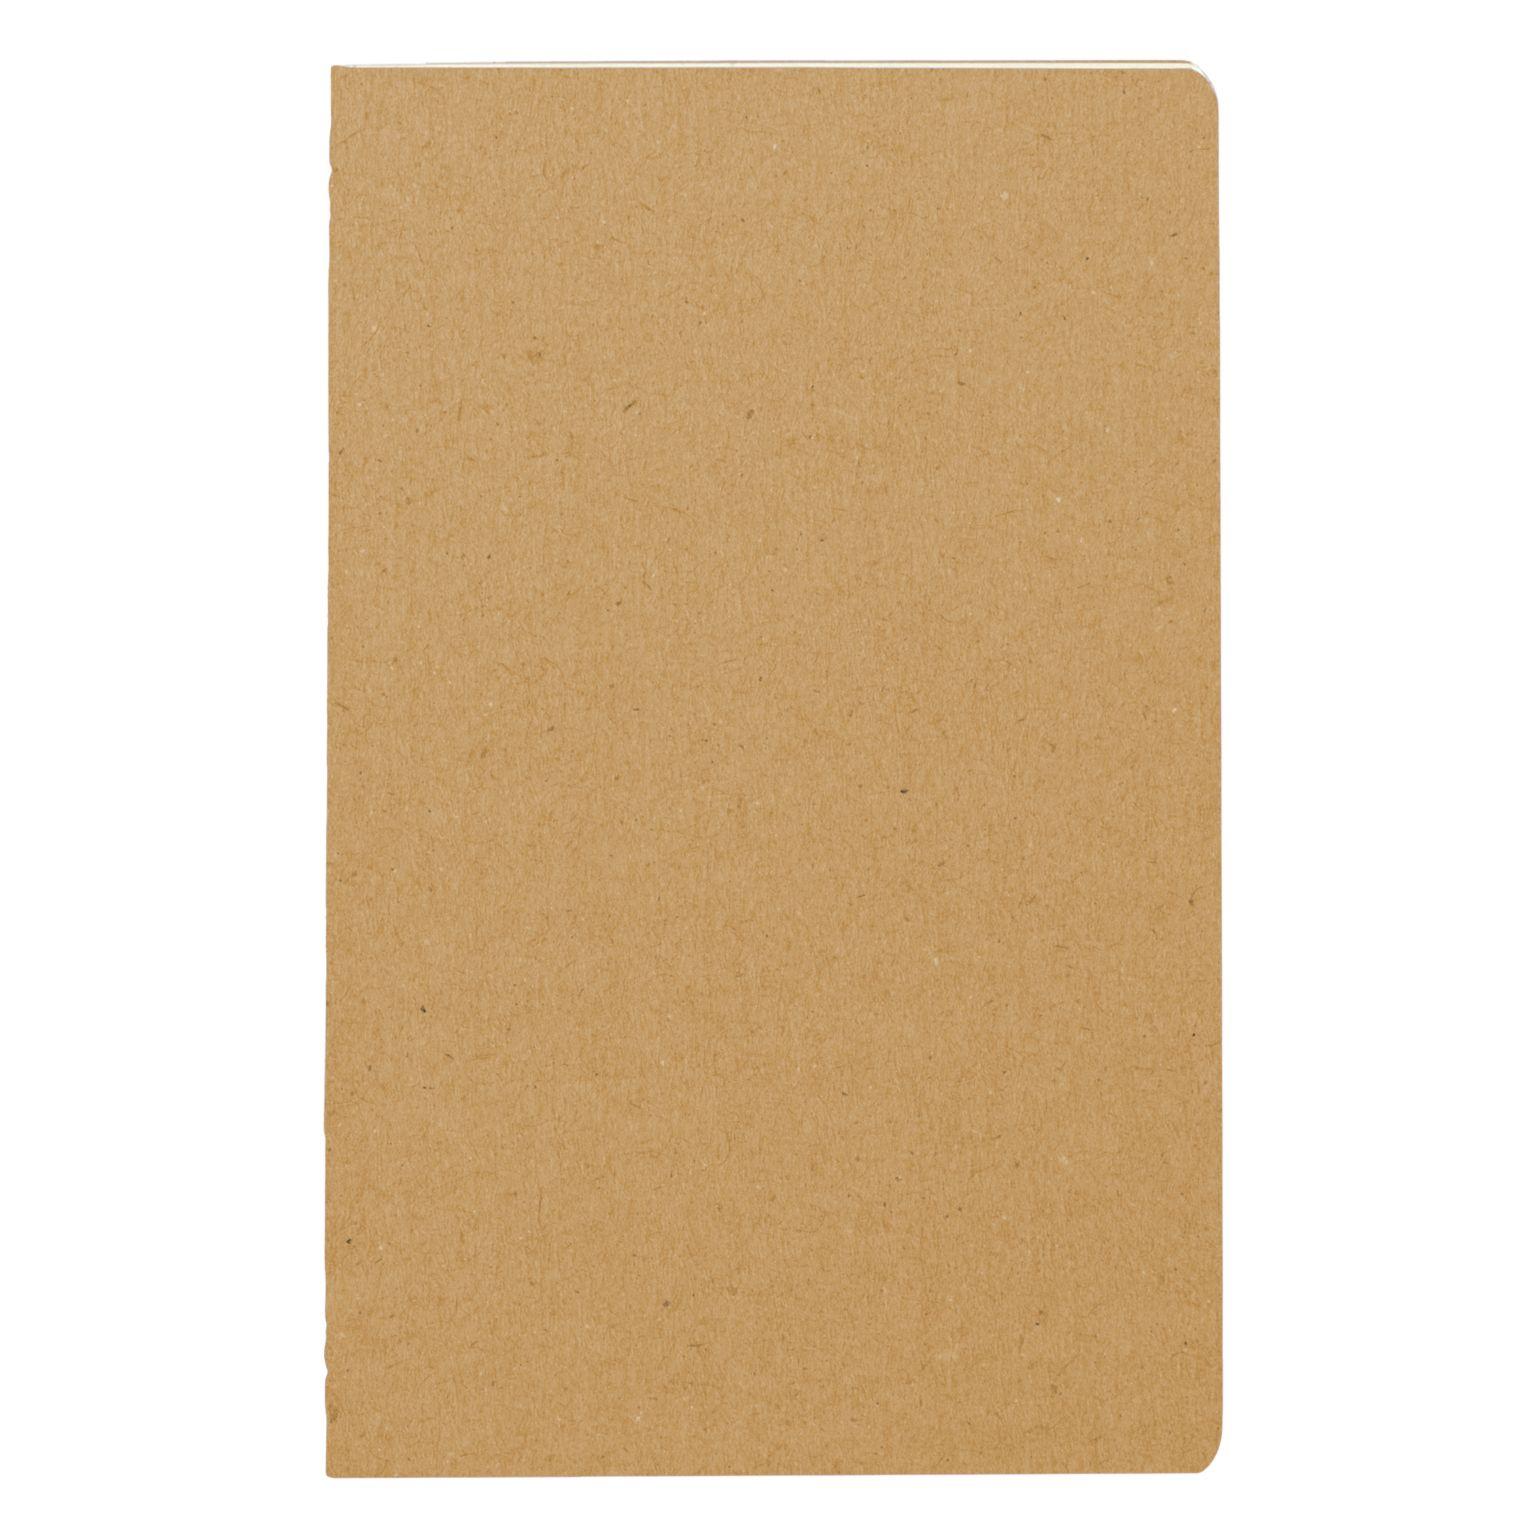 MOLESKINE® | Cahier Journal grand format avec papier à rayures publicitaire personnalisé annecy génève chambéry lyon